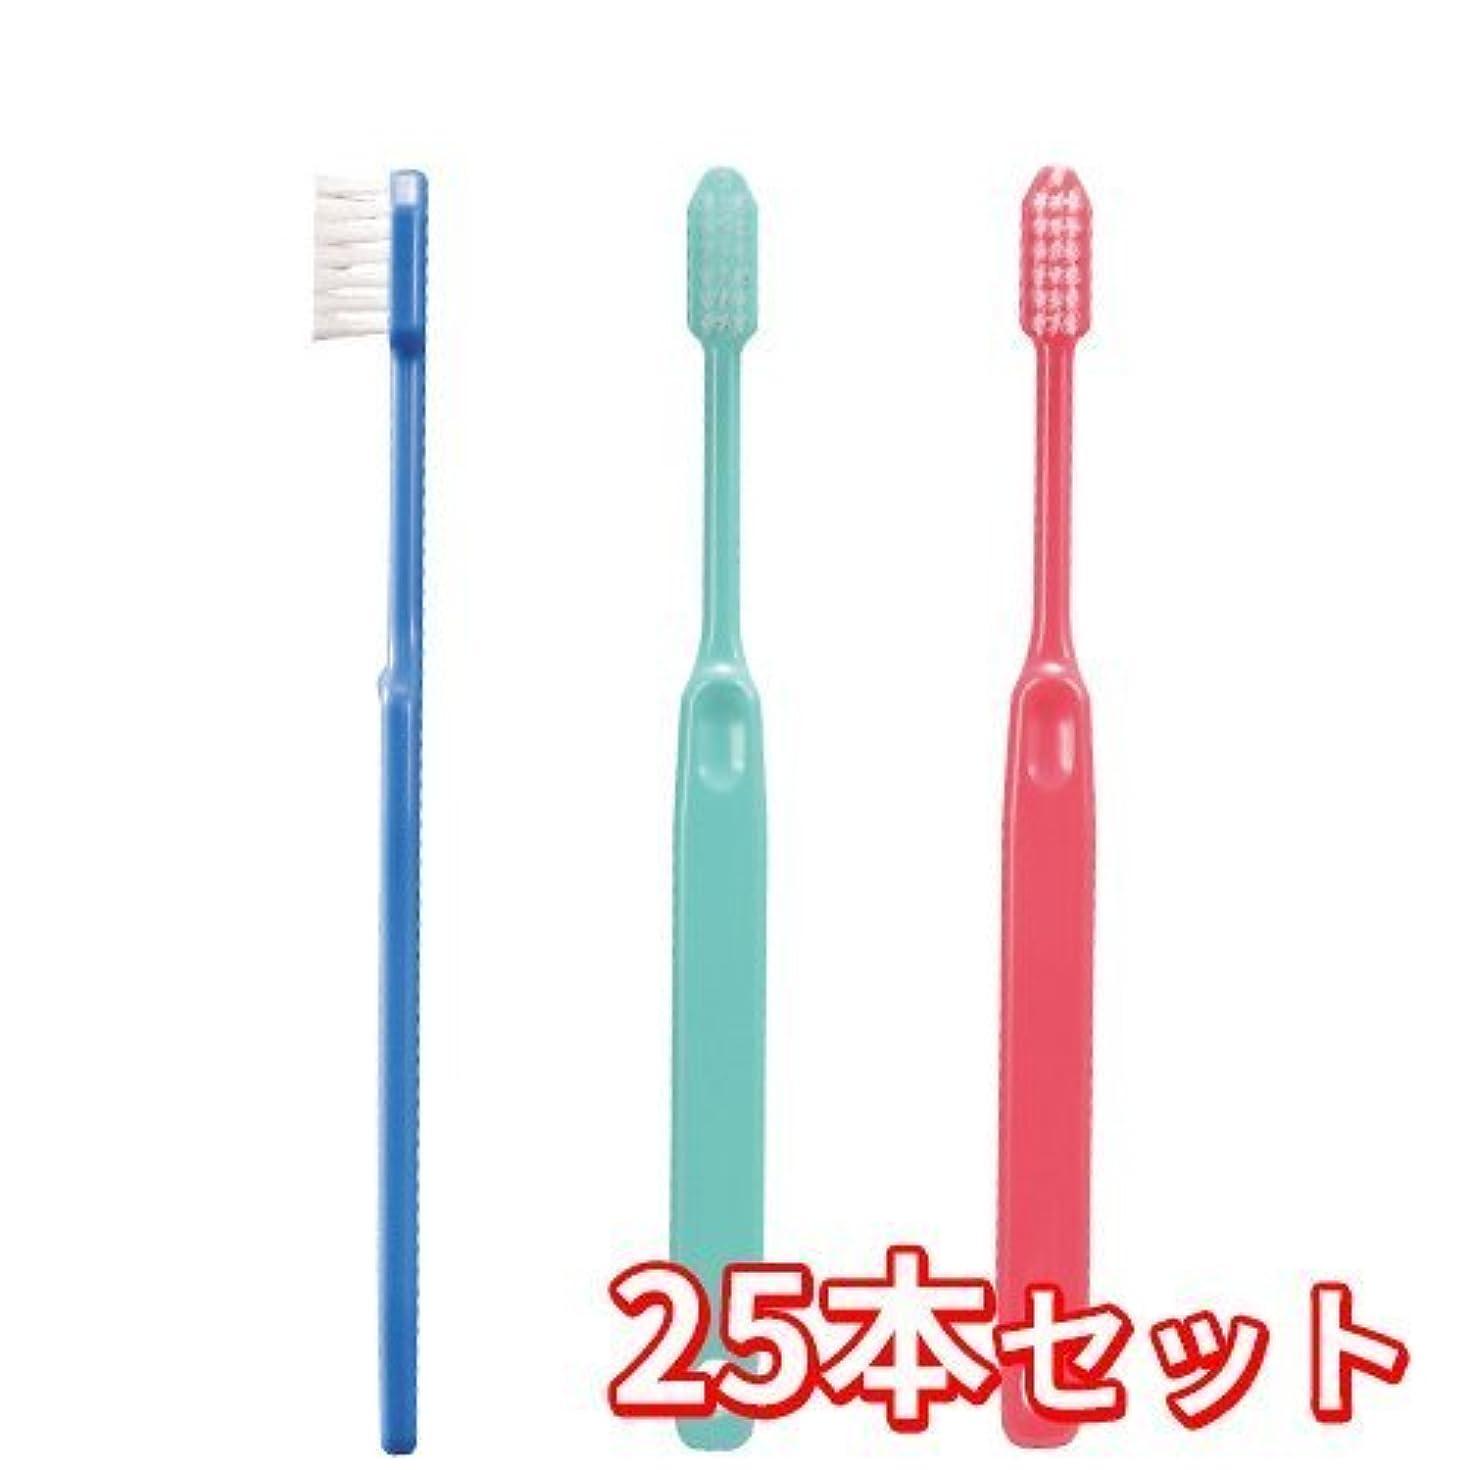 色こっそり彫るCiメディカル 歯ブラシ コンパクトヘッド 疎毛タイプ アソート 25本 (Ci25(やわらかめ))